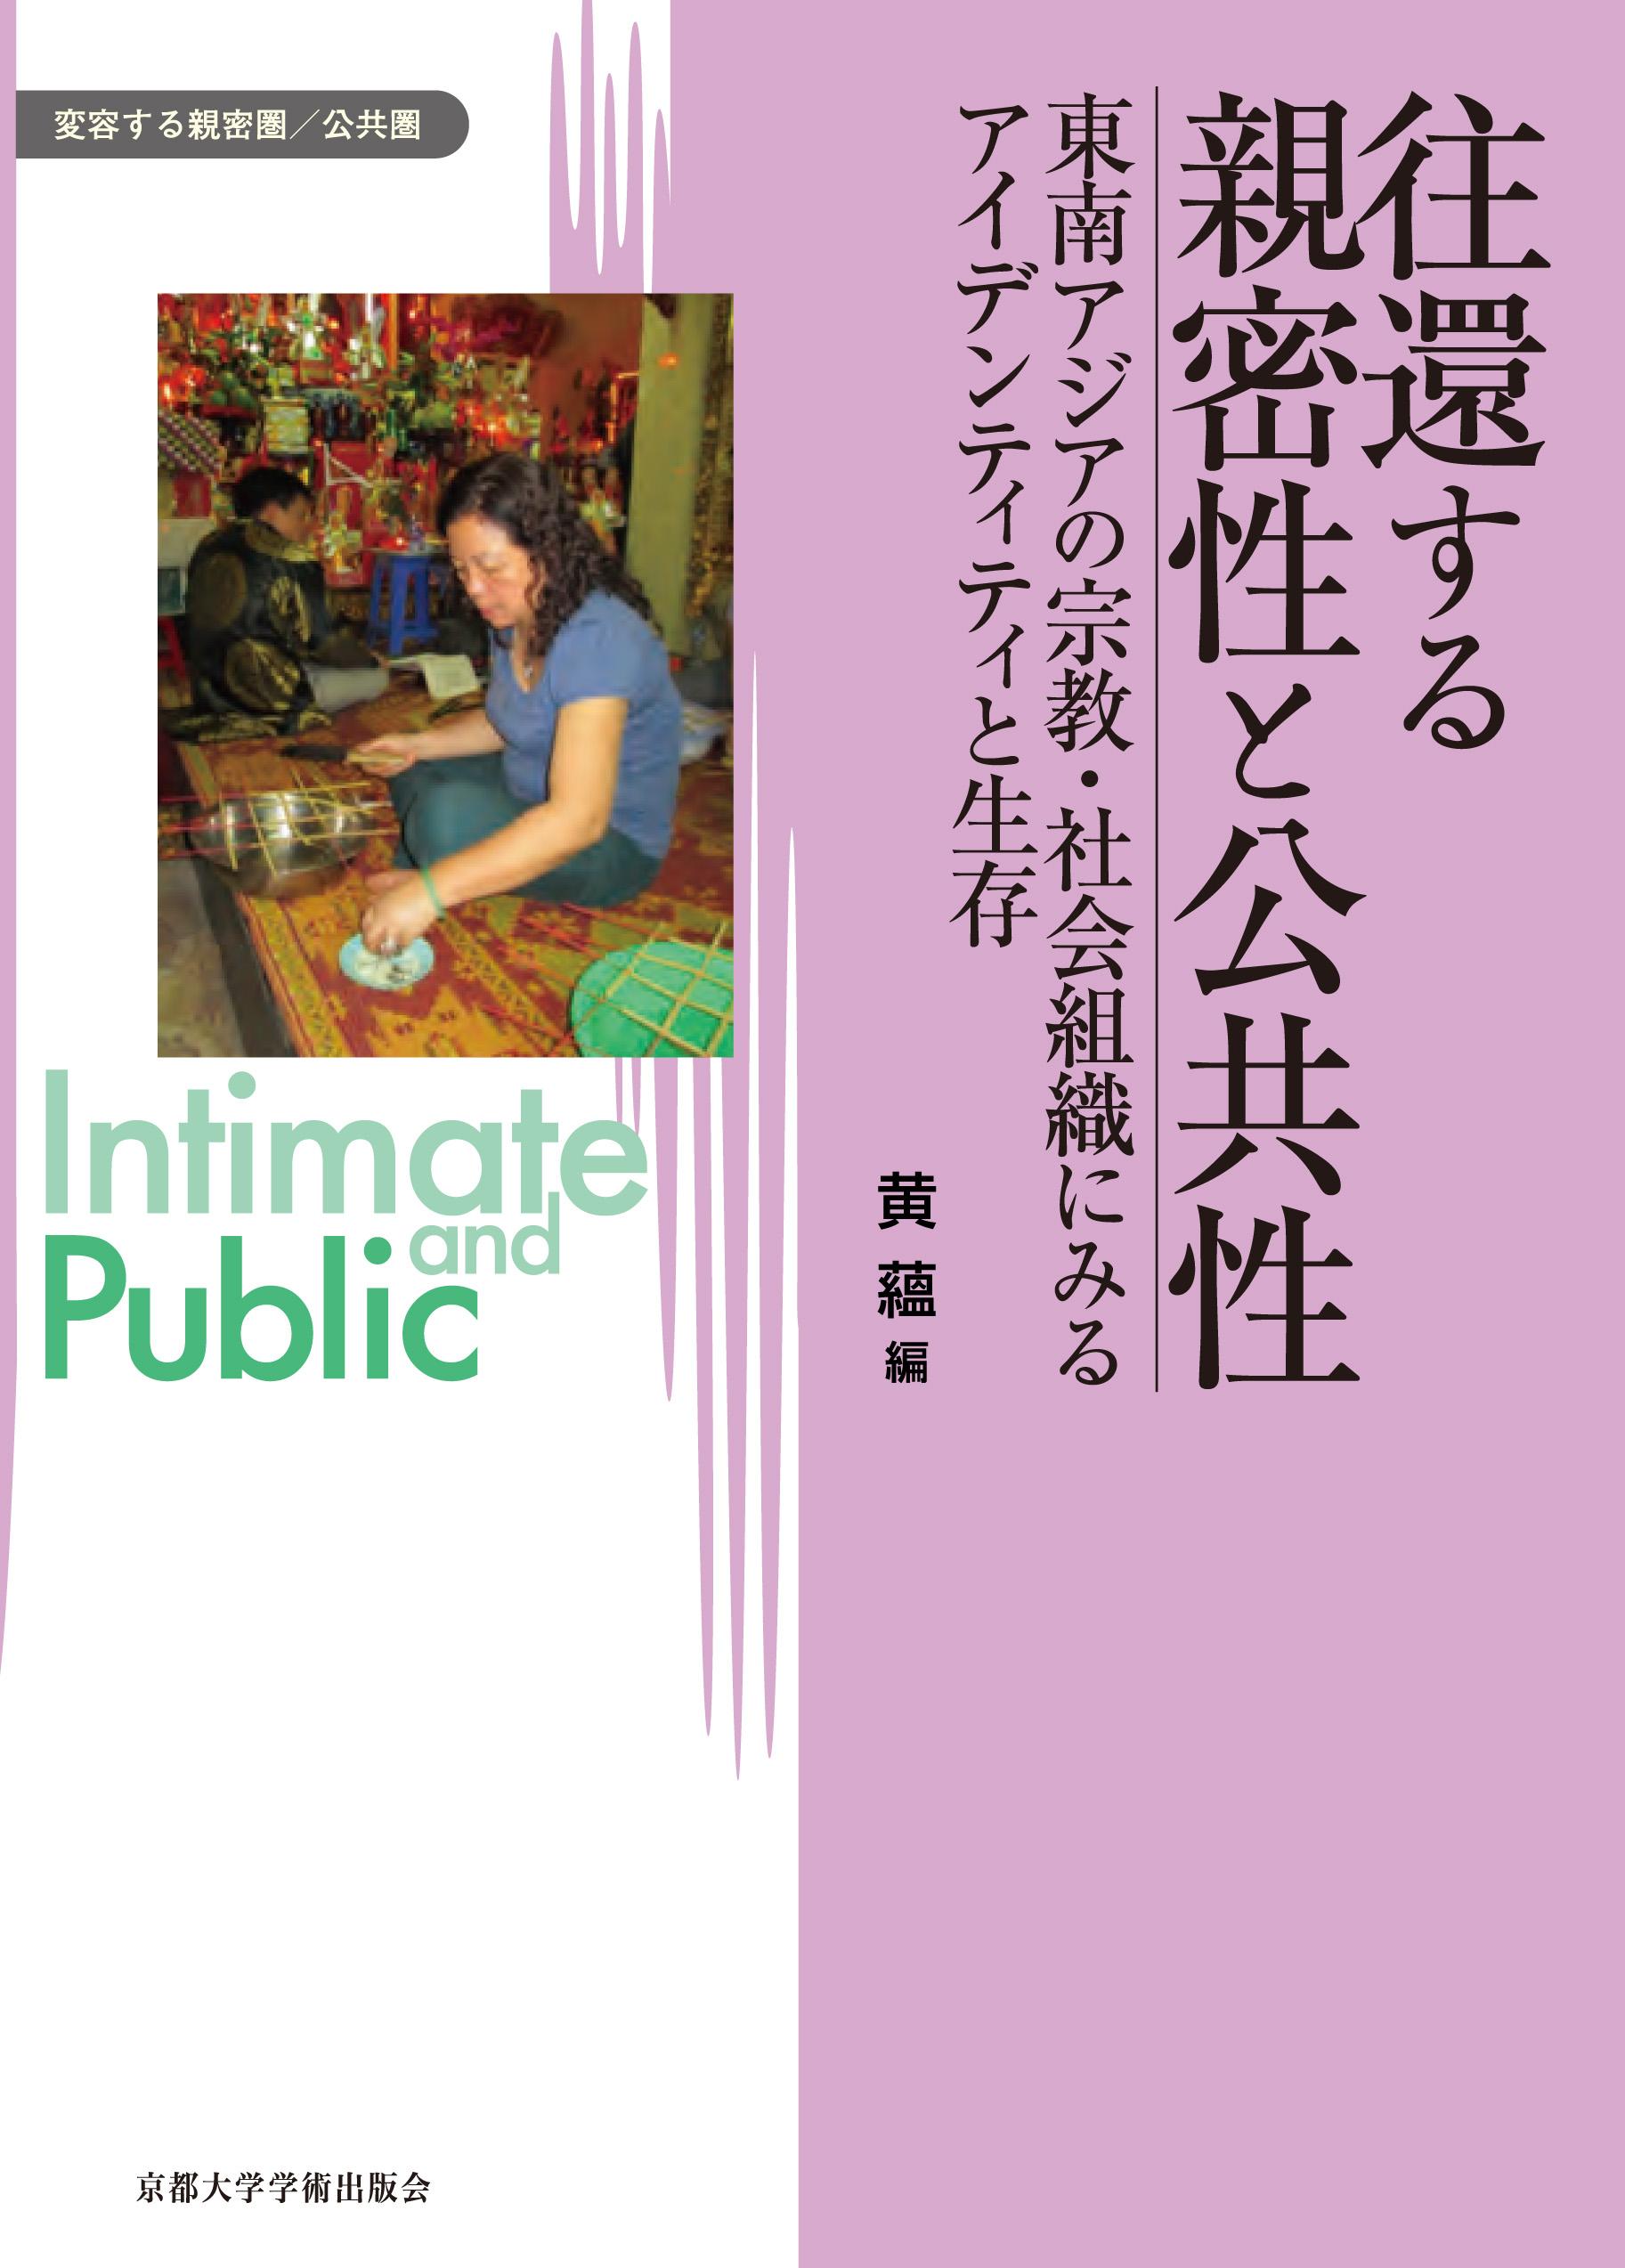 『往還する親密性と公共性』